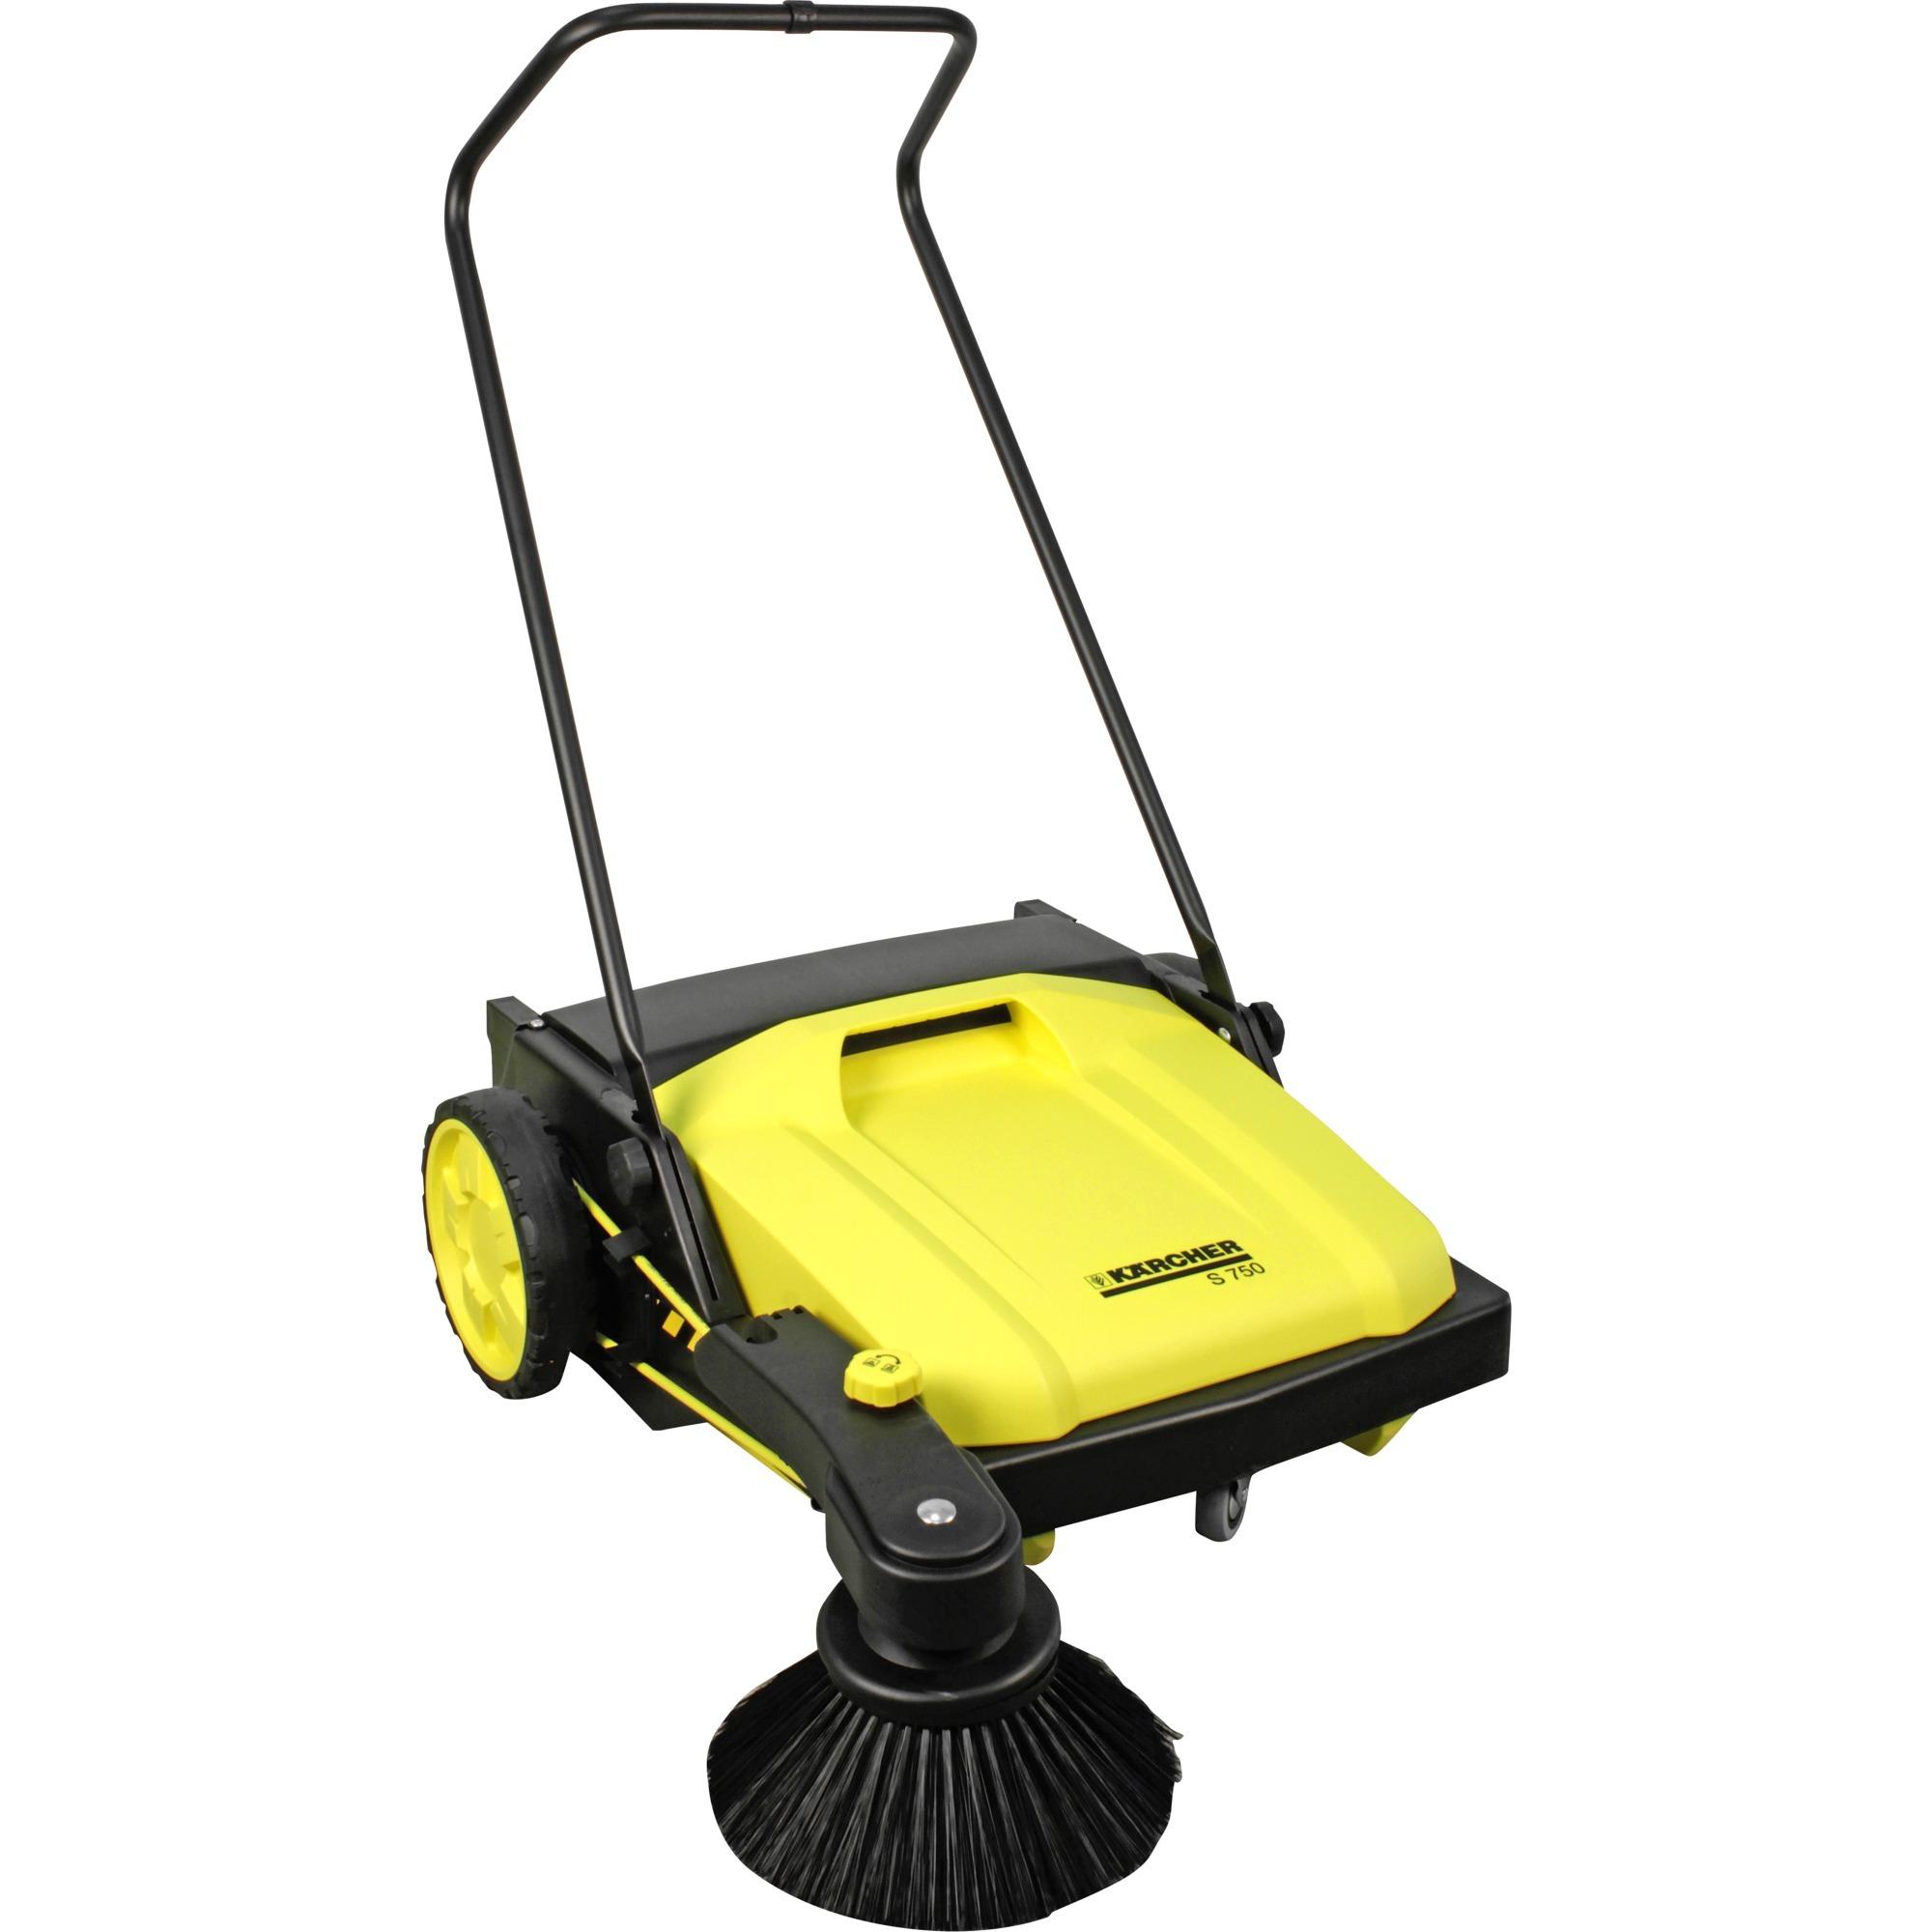 kärcher kehrmaschine s 750 gelb/schwarz